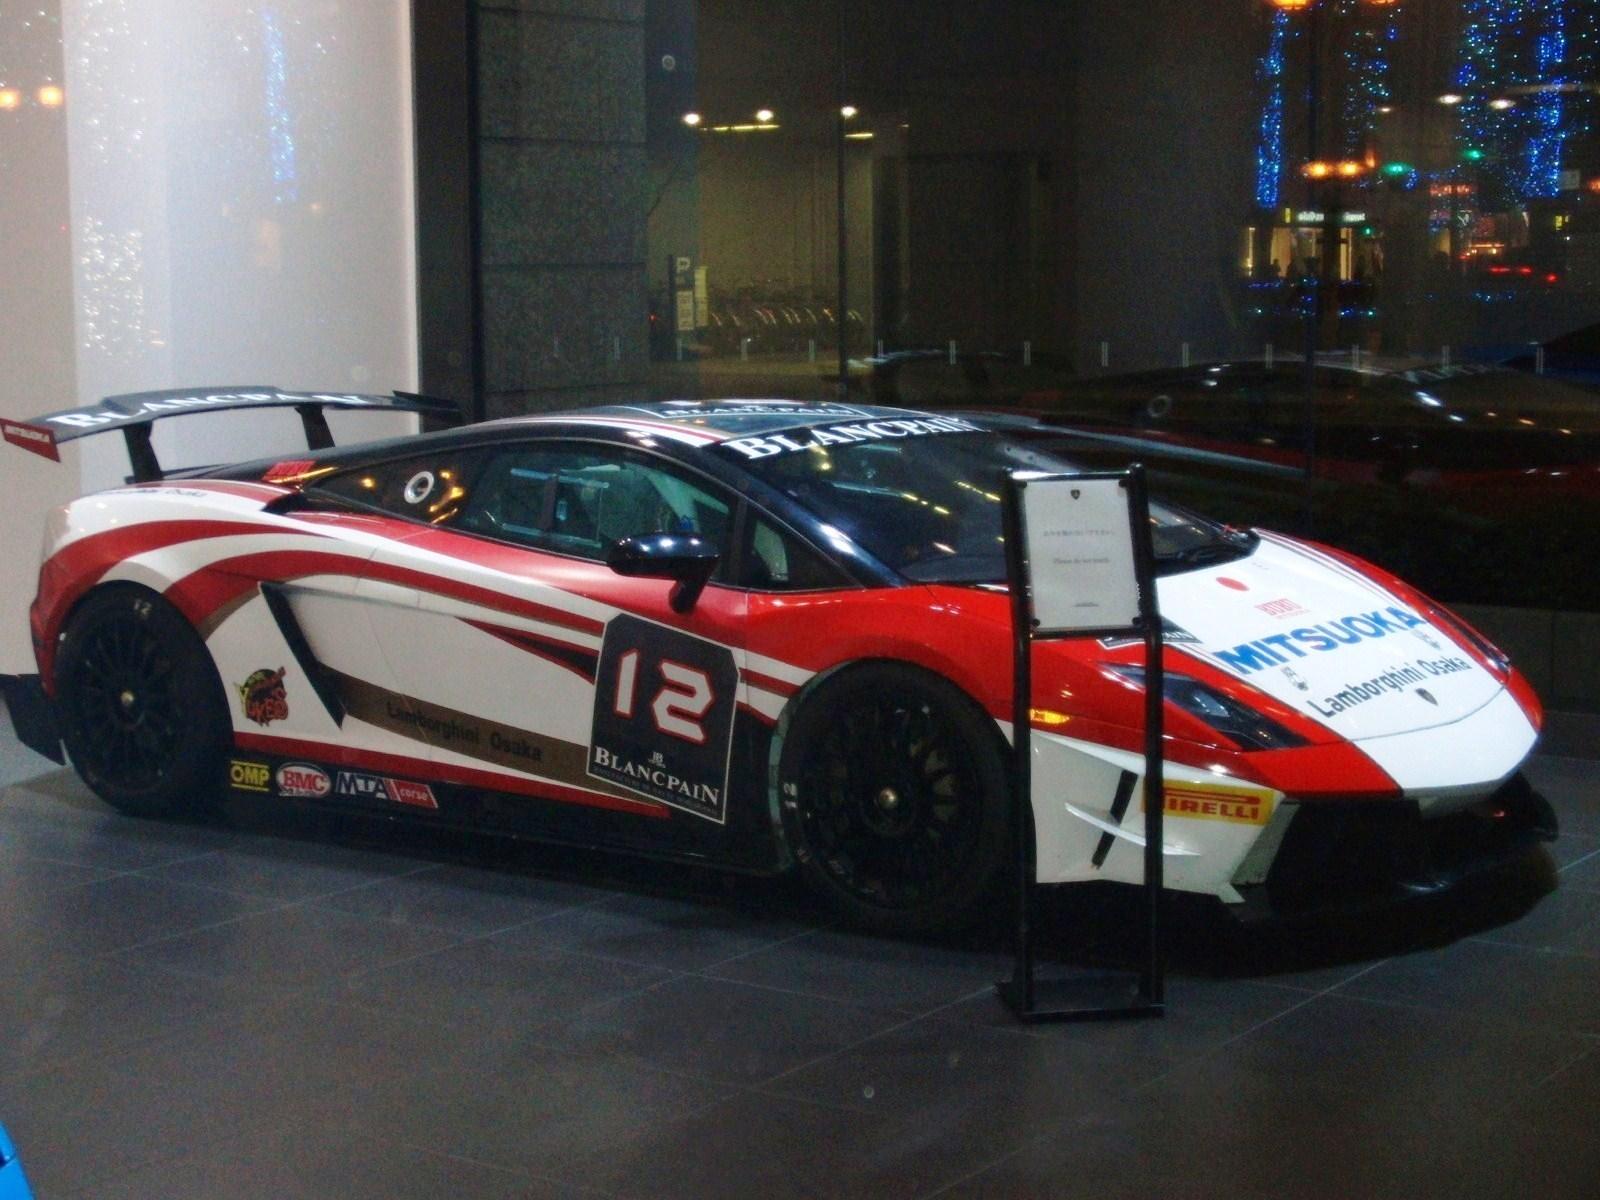 File:Lamborghini Gallardo Super Trofeo ,which is entering ...